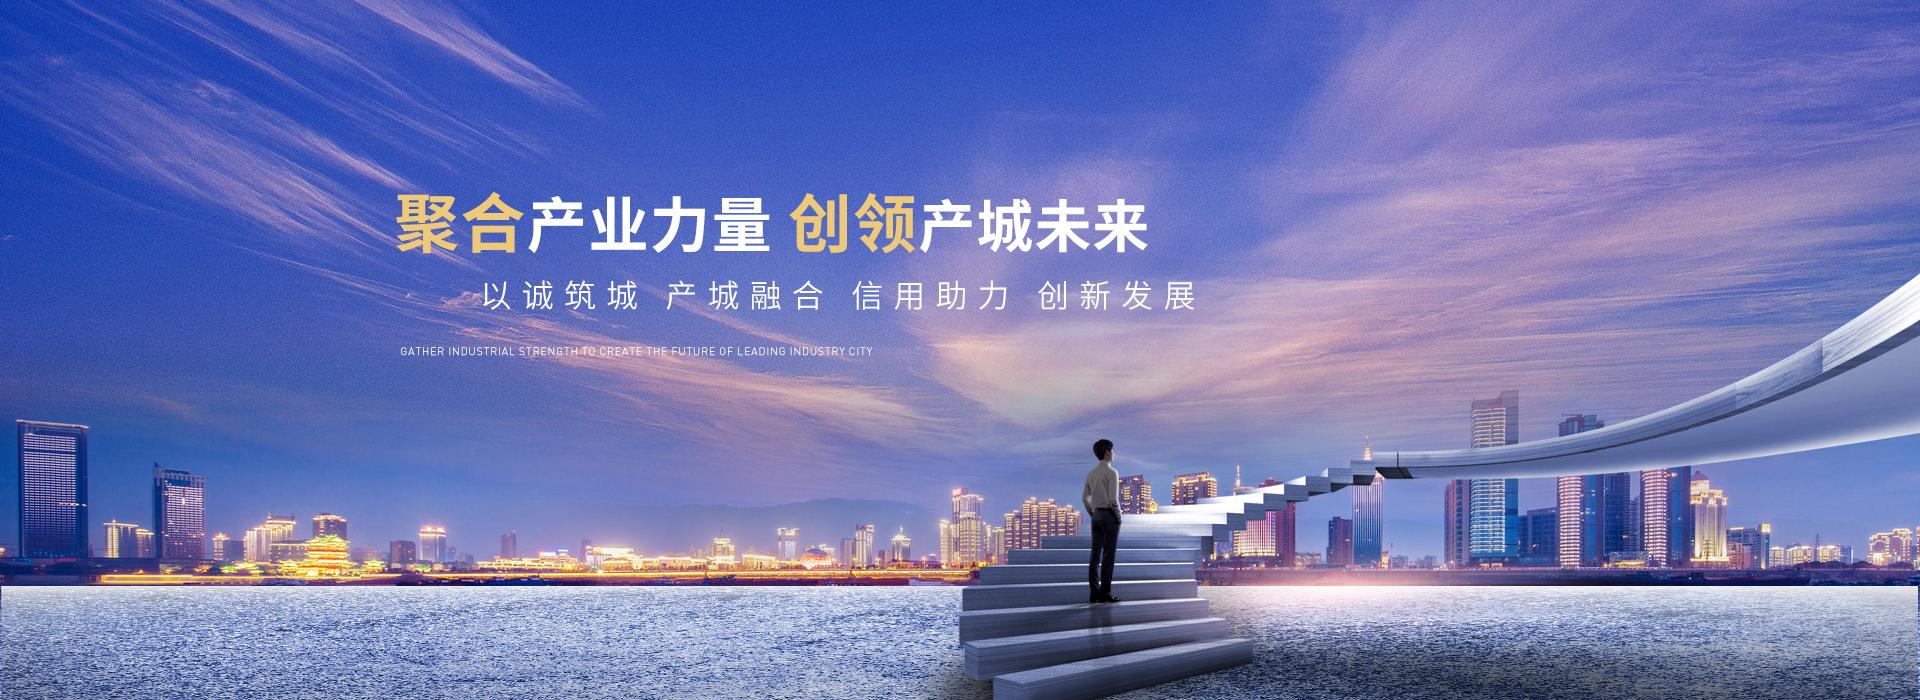 聚合产业力量,创领产城未来